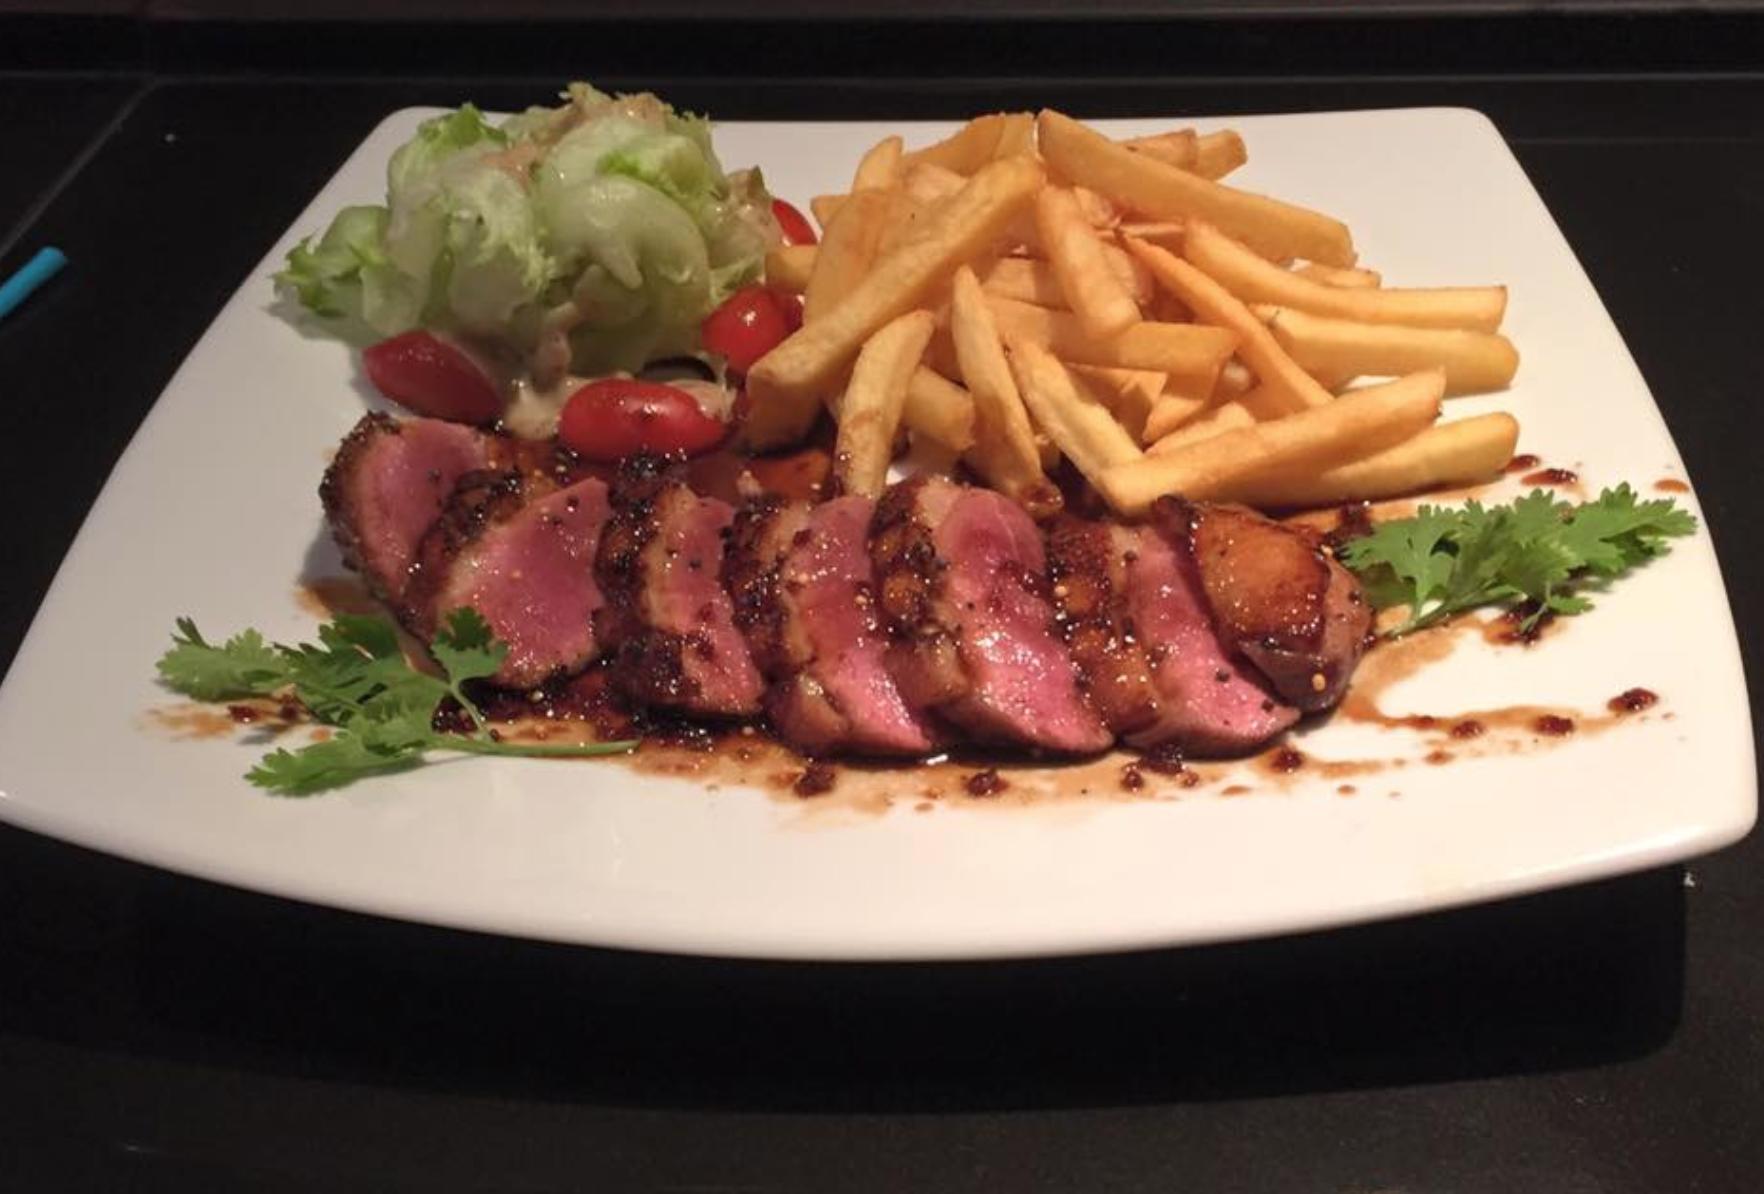 Access Inn Steak & Fries